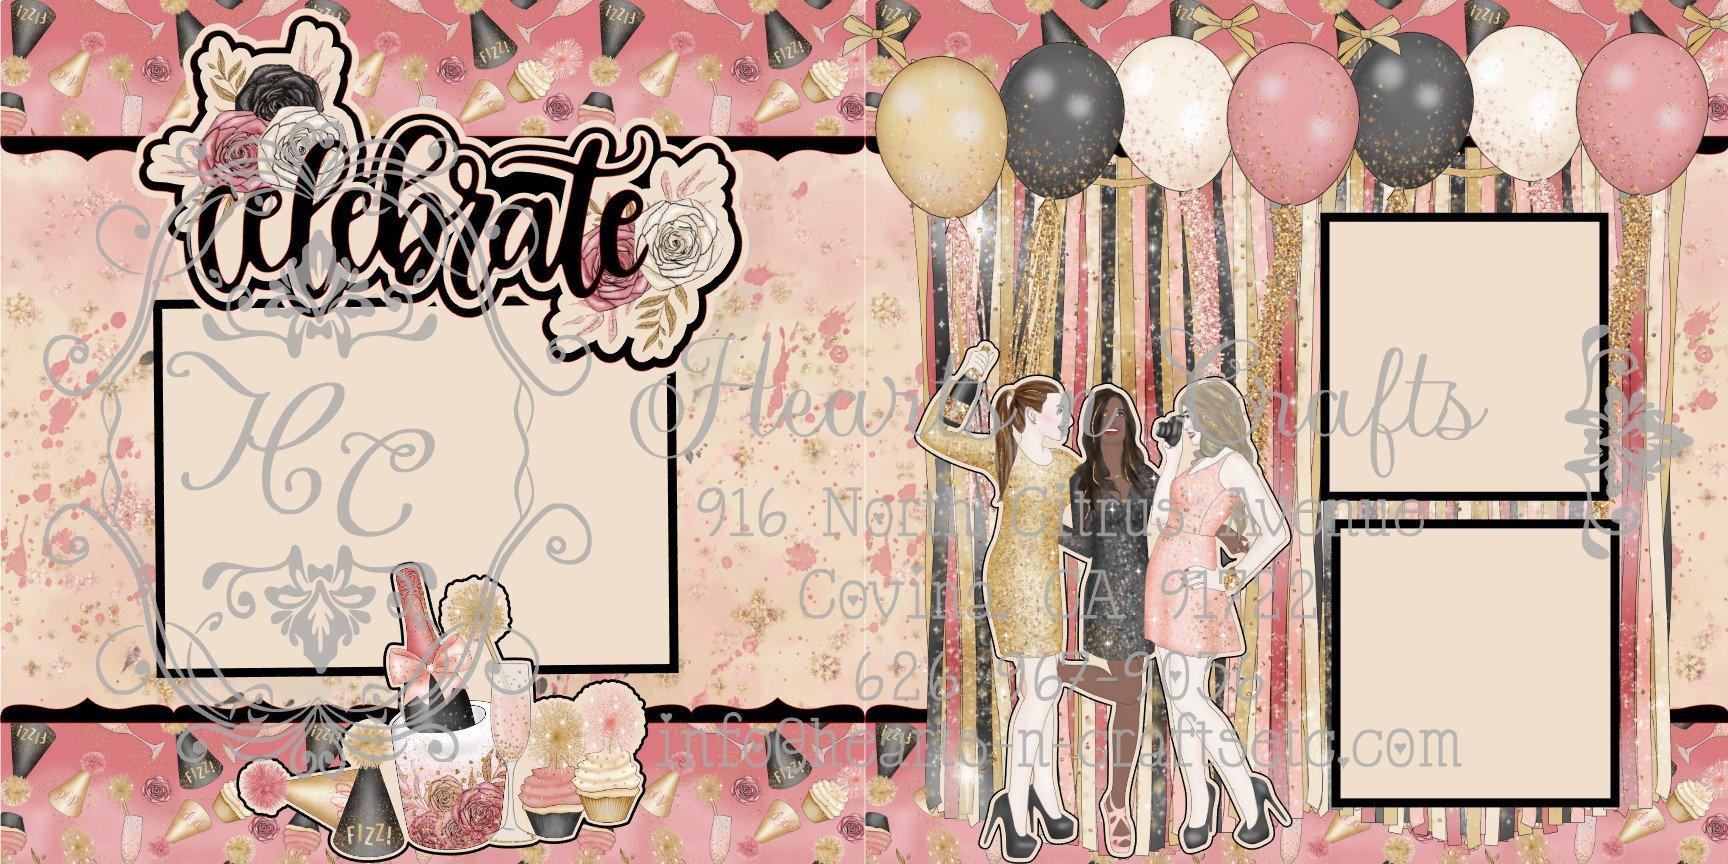 Celebration 2 Page Layout